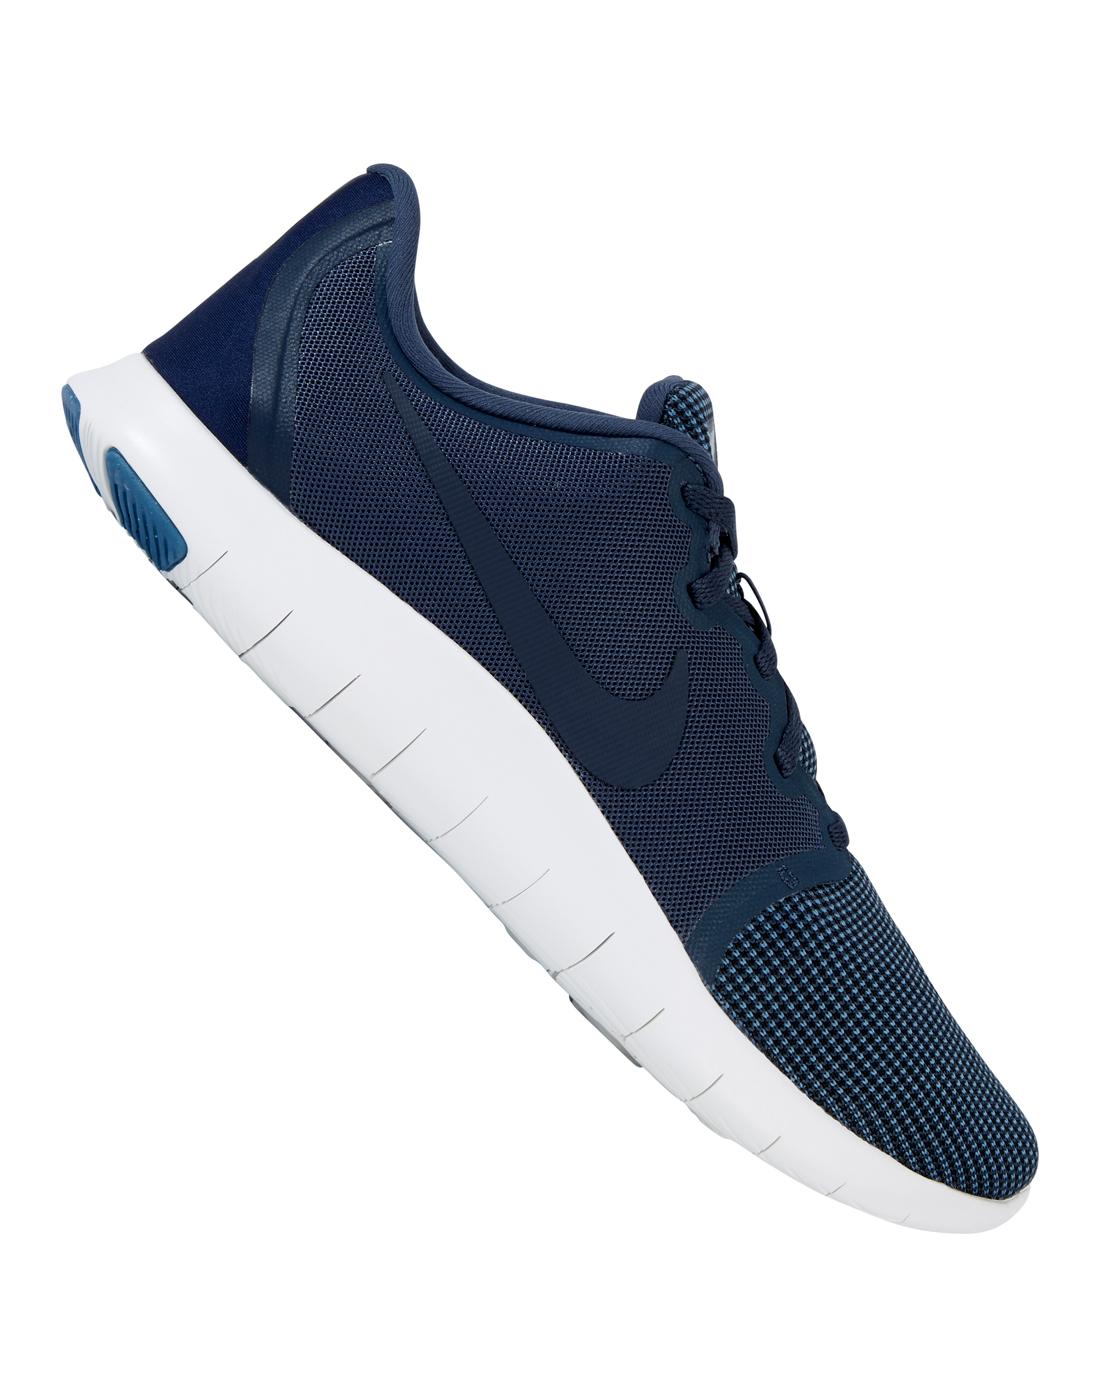 cdbf8dcaa03c Nike Mens Flex Contact 2